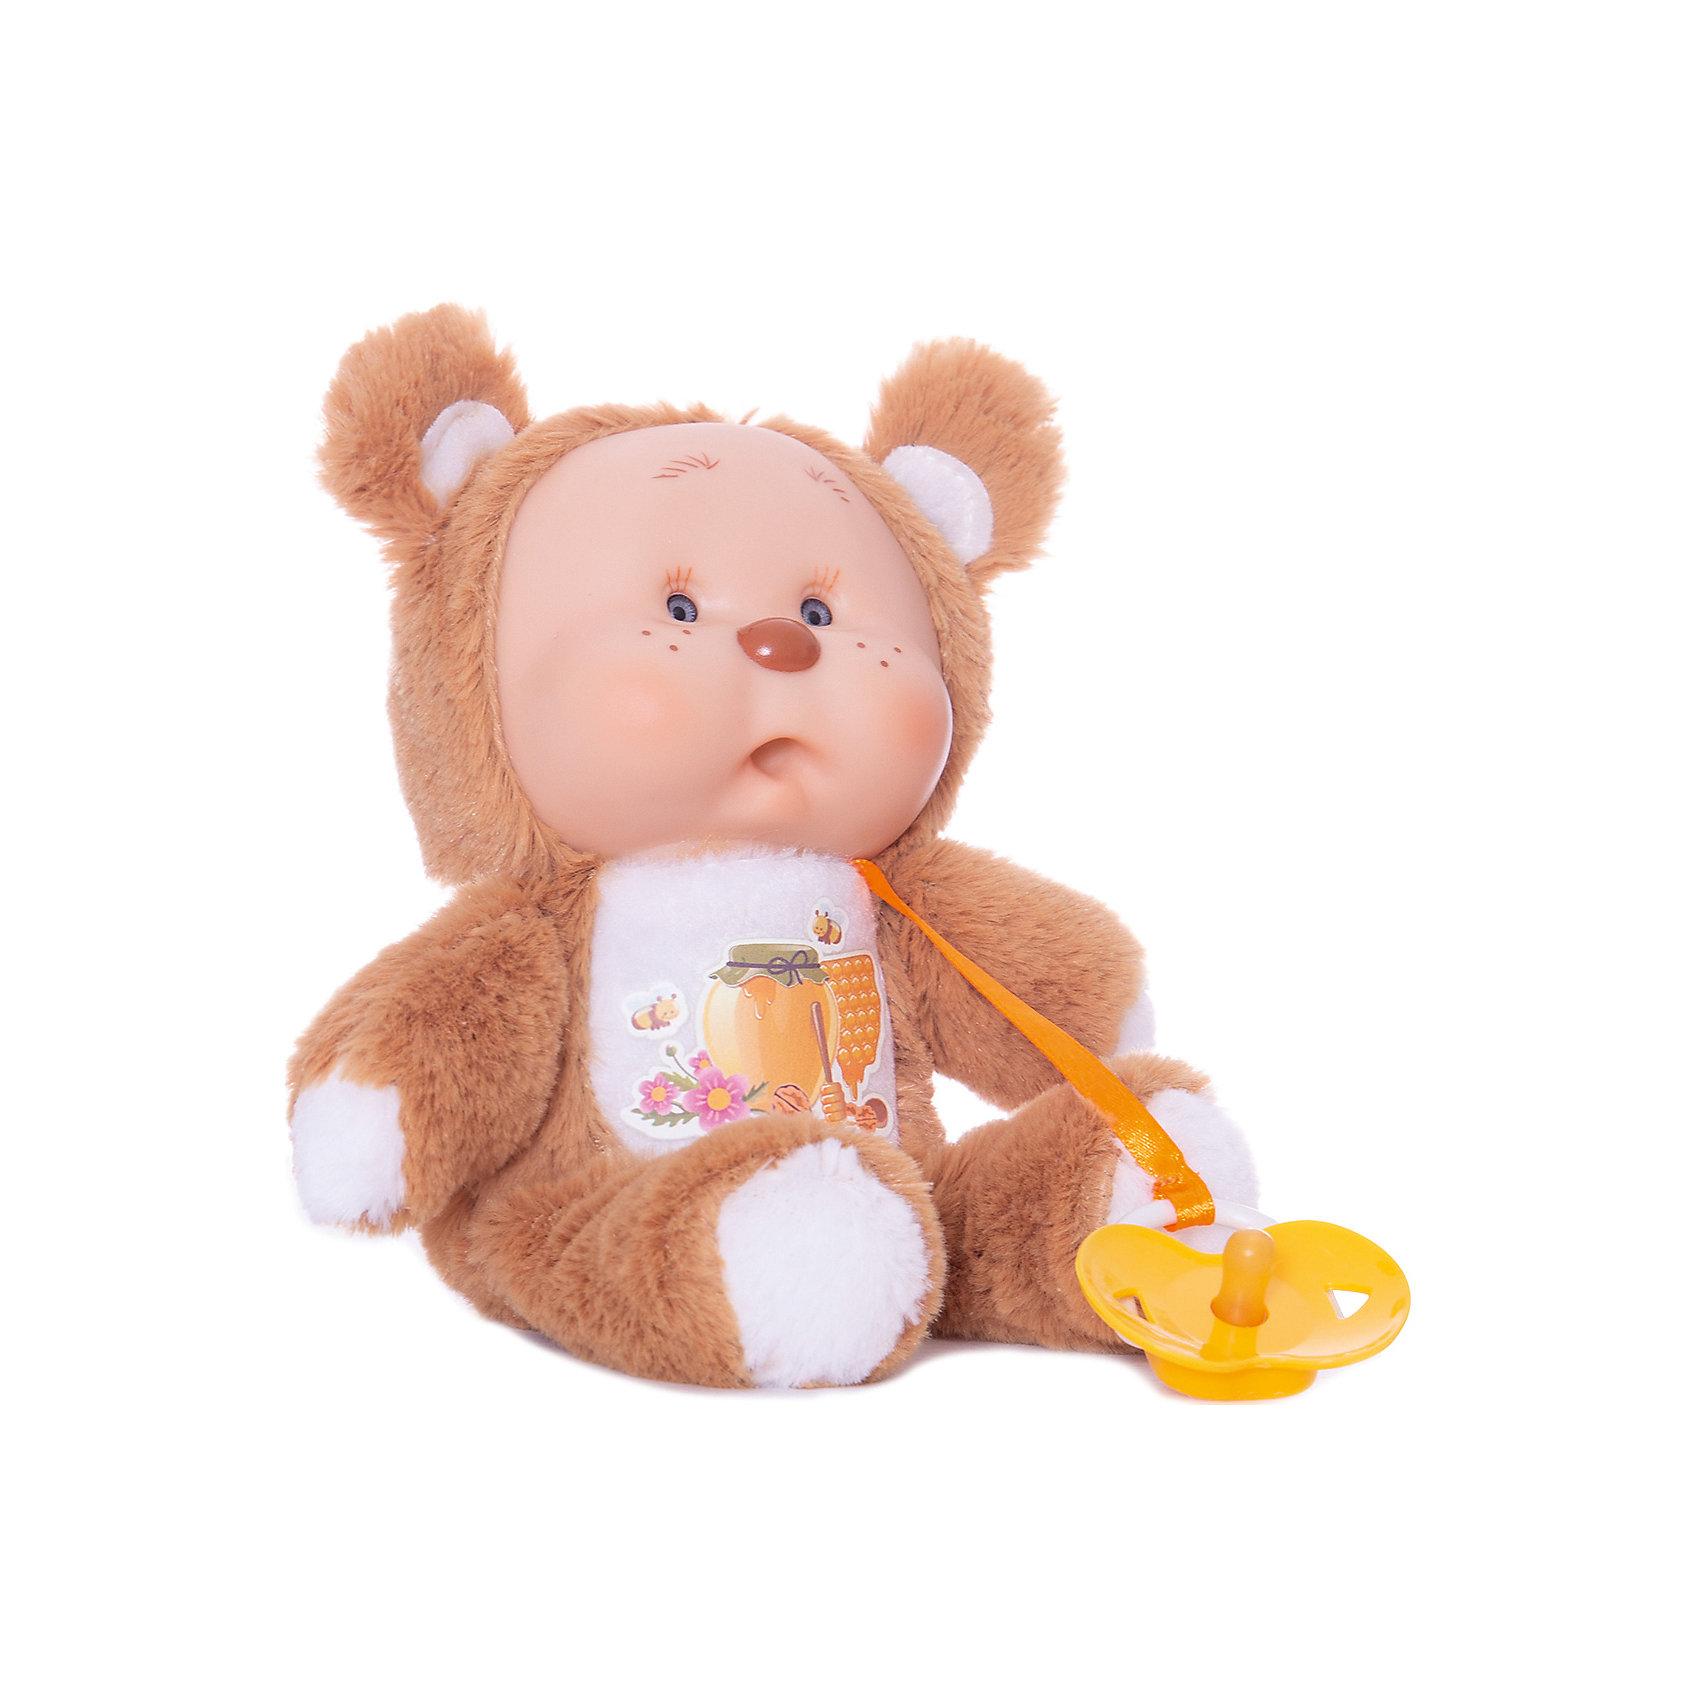 Медвежонок Миша, YogurtinisЗвери и птицы<br>Пупсы Yogurtinis (Йогуртини) Лесные Друзья это новая серия милейших зверят от знаменитого производителя ароматных пупсов Yogurtinis (Йогуртини). Ароматный пупс и любимый лесной зверек в одной игрушке, лучшего подарка для малыша не придумать! Милый и пушистый Медвежонок Миша станет лучшим другом малыша, ведь он только недавно родился и тоже с радостью познает мир. Миша мягкий, приятный на ощупь, и как любой малыш мишутка вкусно пахнет. Малыш упакован в баночку, стилизованную под банку с вареньем, что сделает подарок еще более выразительным. <br>Забавная мордочка, выполненная из мягкого прорезиненного пластика будет неизменно вызывать улыбку у окружающих и дарить положительные эмоции малышу!<br><br>Дополнительная информация:<br><br>- В комплекте: пупс  Медвежонок Миша с соской в стилизованной банке для варенья;<br>- Новая серия Yogurtinis (Йогуртини) Лесные Друзья;<br>- Прекрасный подарок малышу;<br>- Мягкое тело;<br>- Прекрасный фруктовый аромат;<br>- Выразительное личико;<br>- Удобно брать в путешествия;<br>- Высота игрушки: 22 см;<br>- Размер упаковки: 14 х 14 х 18,5 см;<br>- Вес: 398 г<br><br>Медвежонка Мишу, Yogurtinis (Йогуртини) можно купить в нашем интернет-магазине.<br><br>Ширина мм: 140<br>Глубина мм: 140<br>Высота мм: 185<br>Вес г: 398<br>Возраст от месяцев: 36<br>Возраст до месяцев: 72<br>Пол: Унисекс<br>Возраст: Детский<br>SKU: 3879020